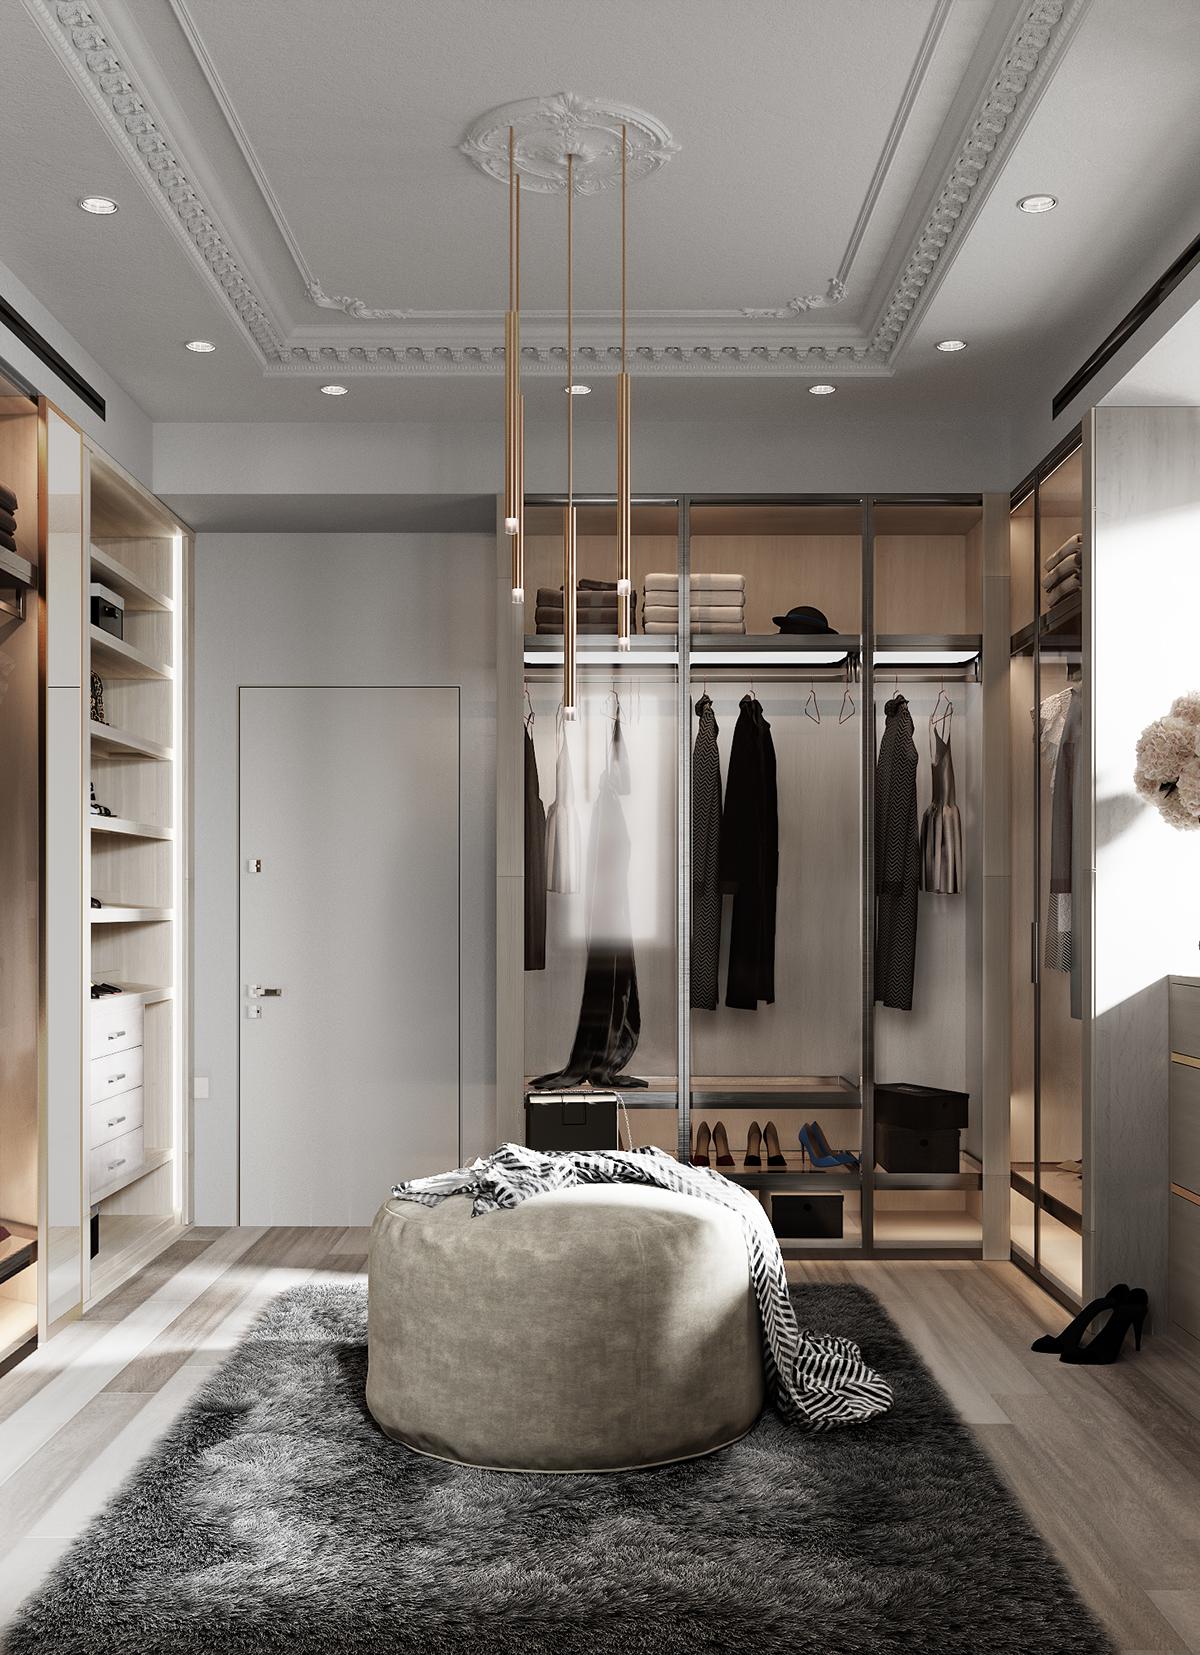 White Soul Ankleidezimmer Soul White In 2020 Ankleide Zimmer Ankleidezimmer Design Ankleidezimmer